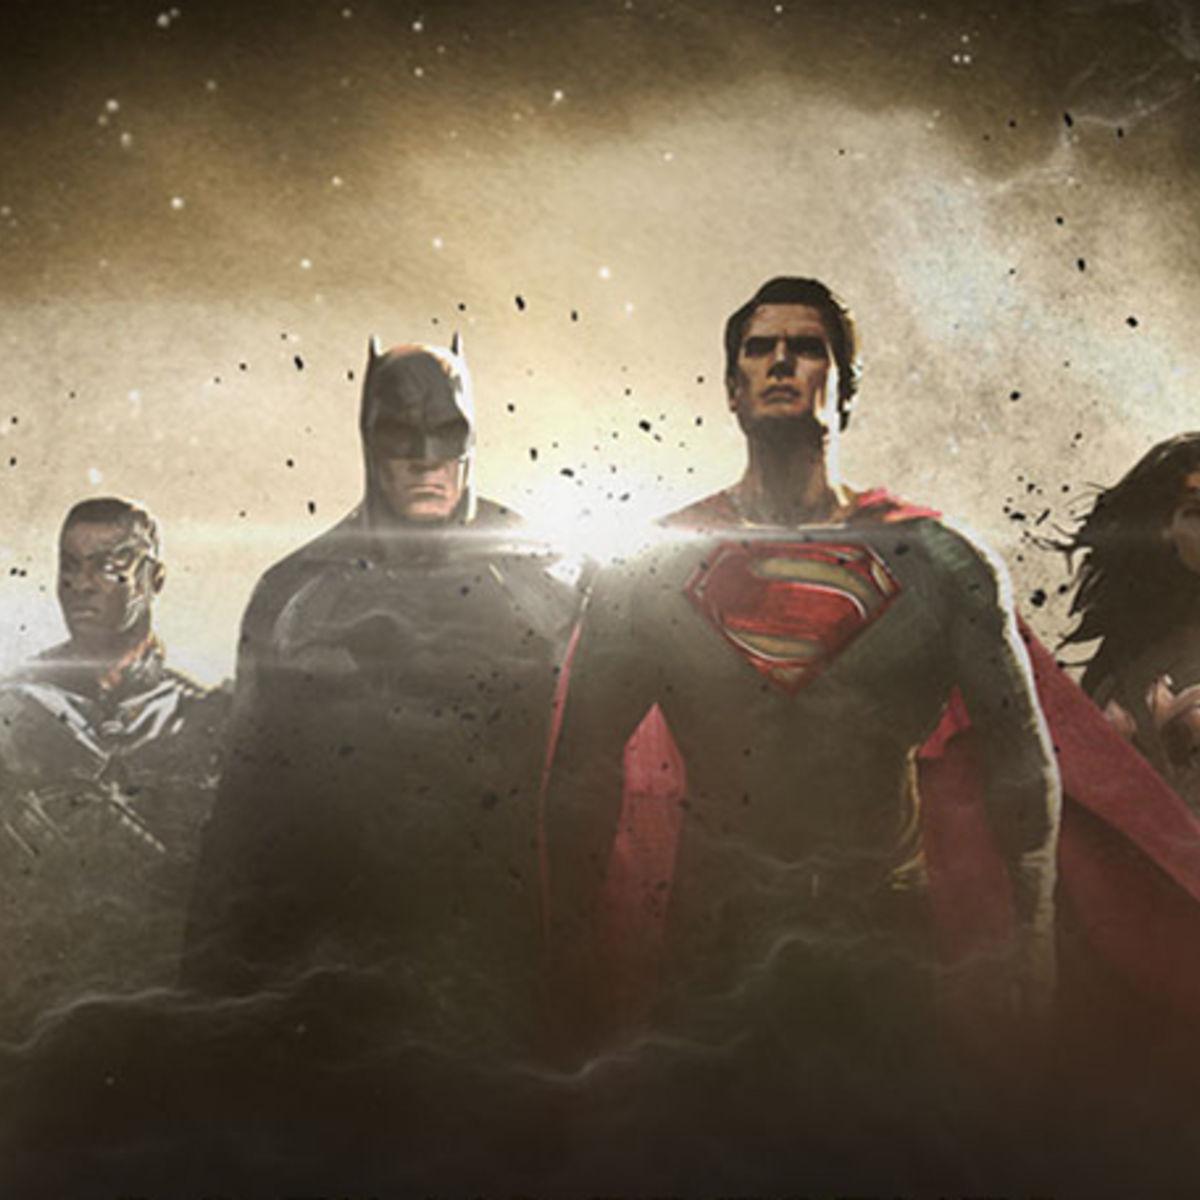 justice-league-promoart.jpg